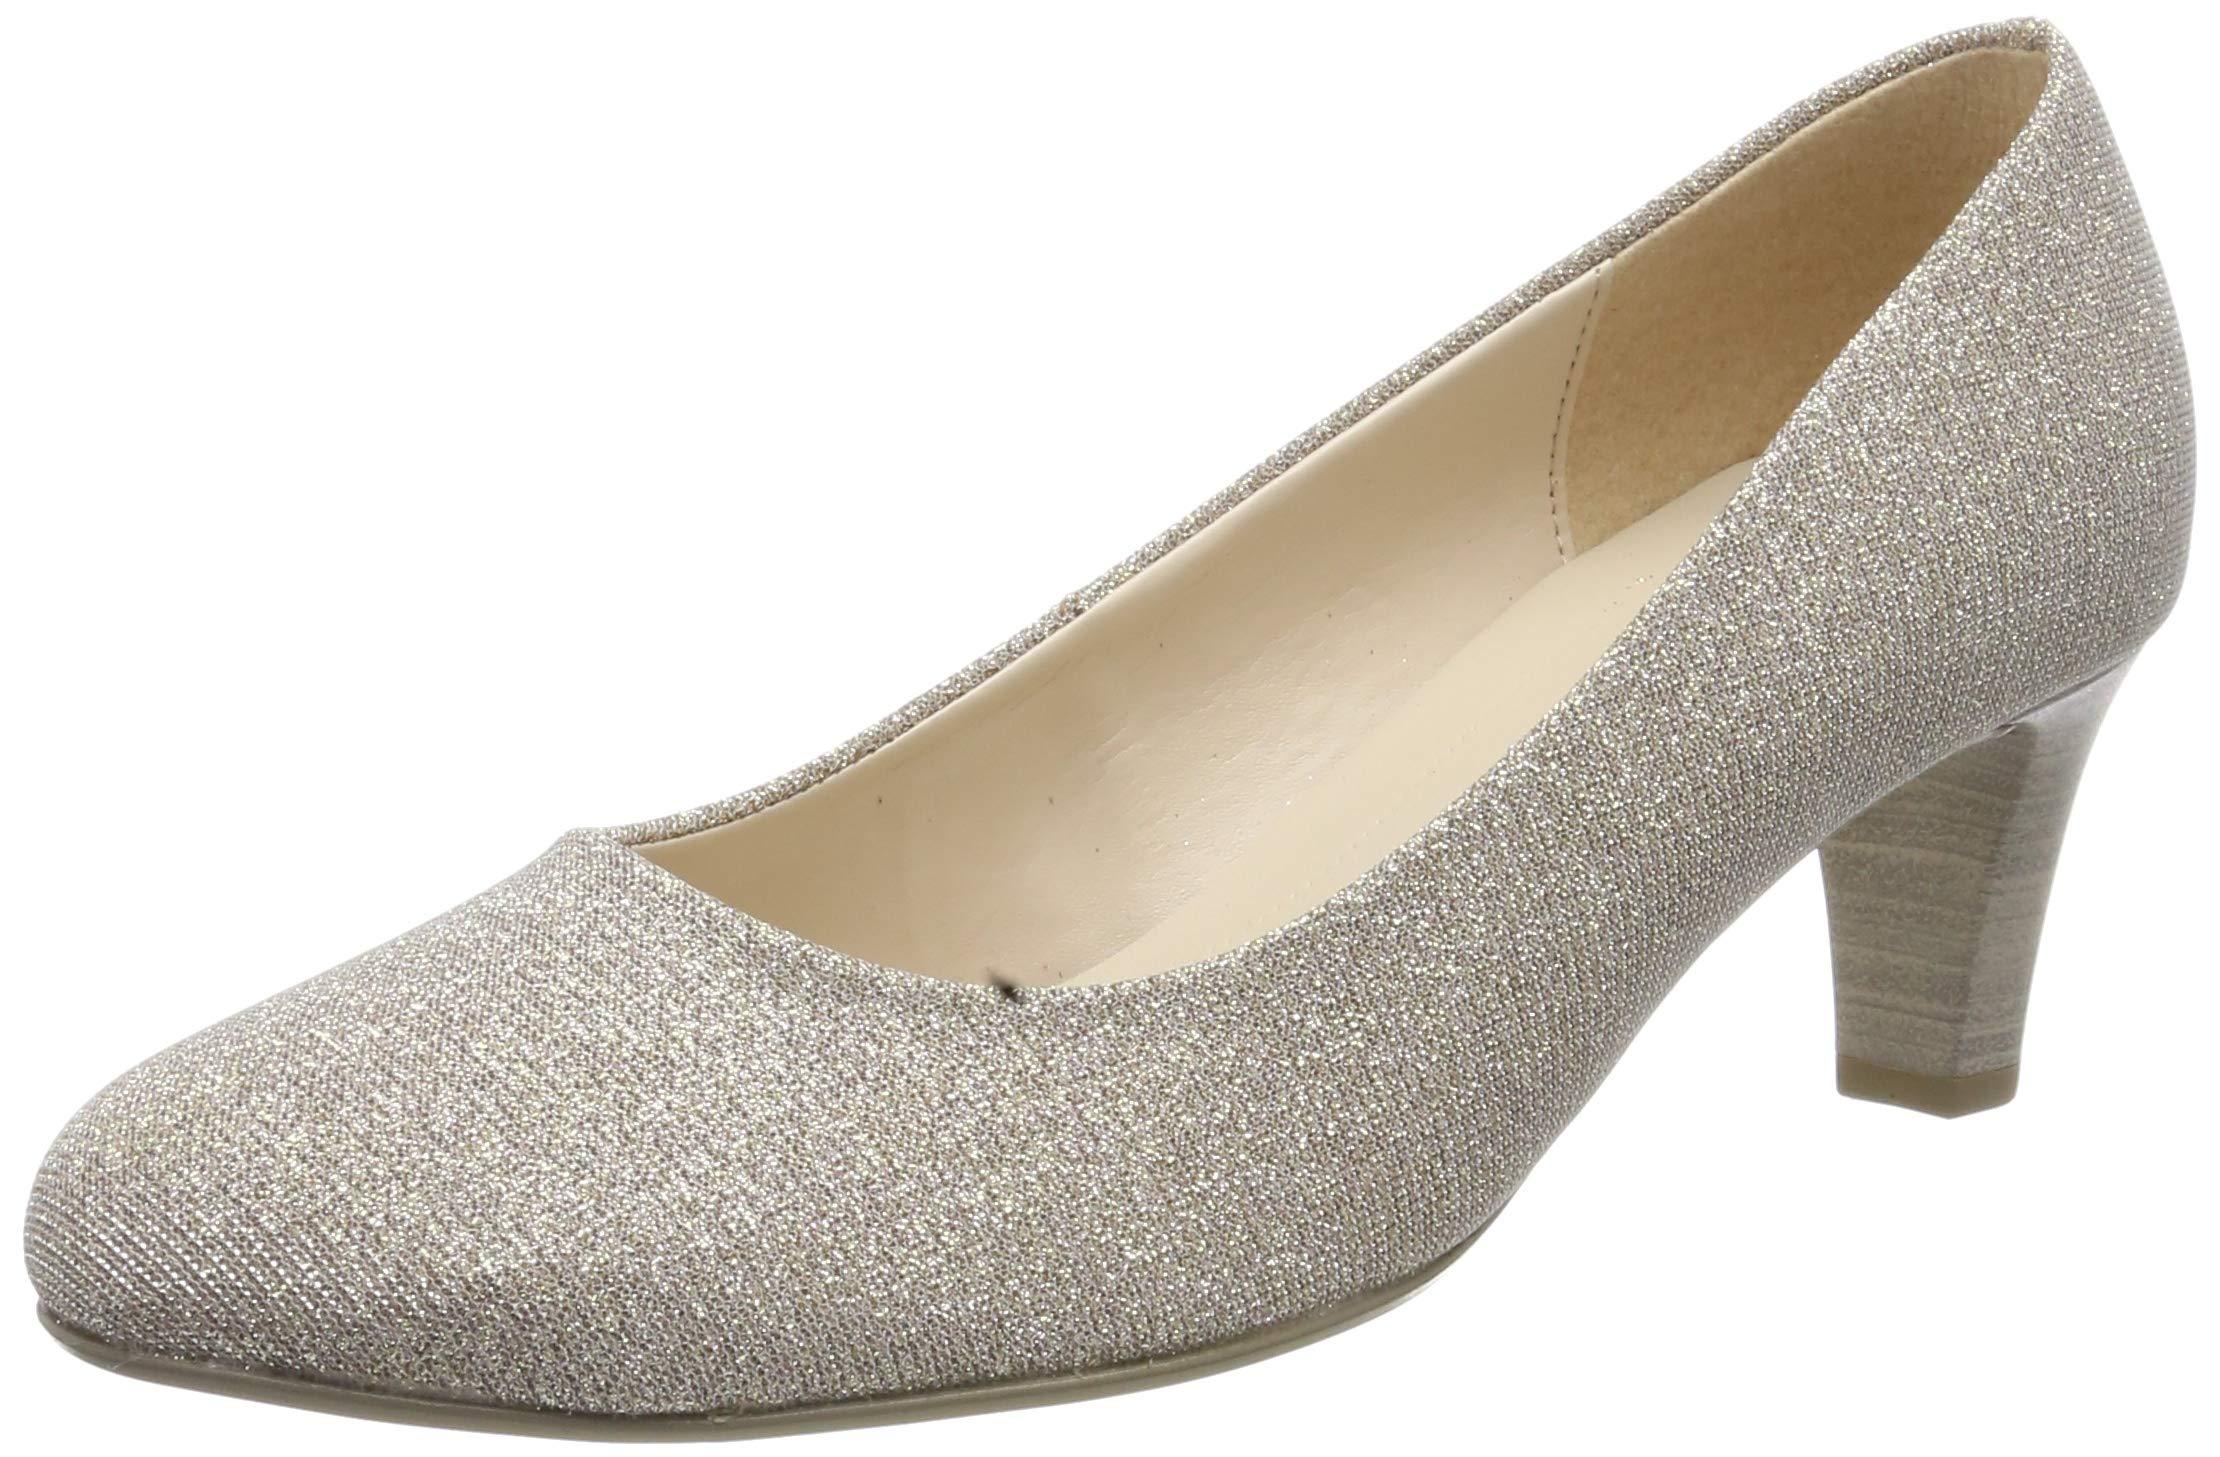 Gabor Shoes 6436 FemmeMulticolorerosado BasicEscarpins Eu Nvmnw80O